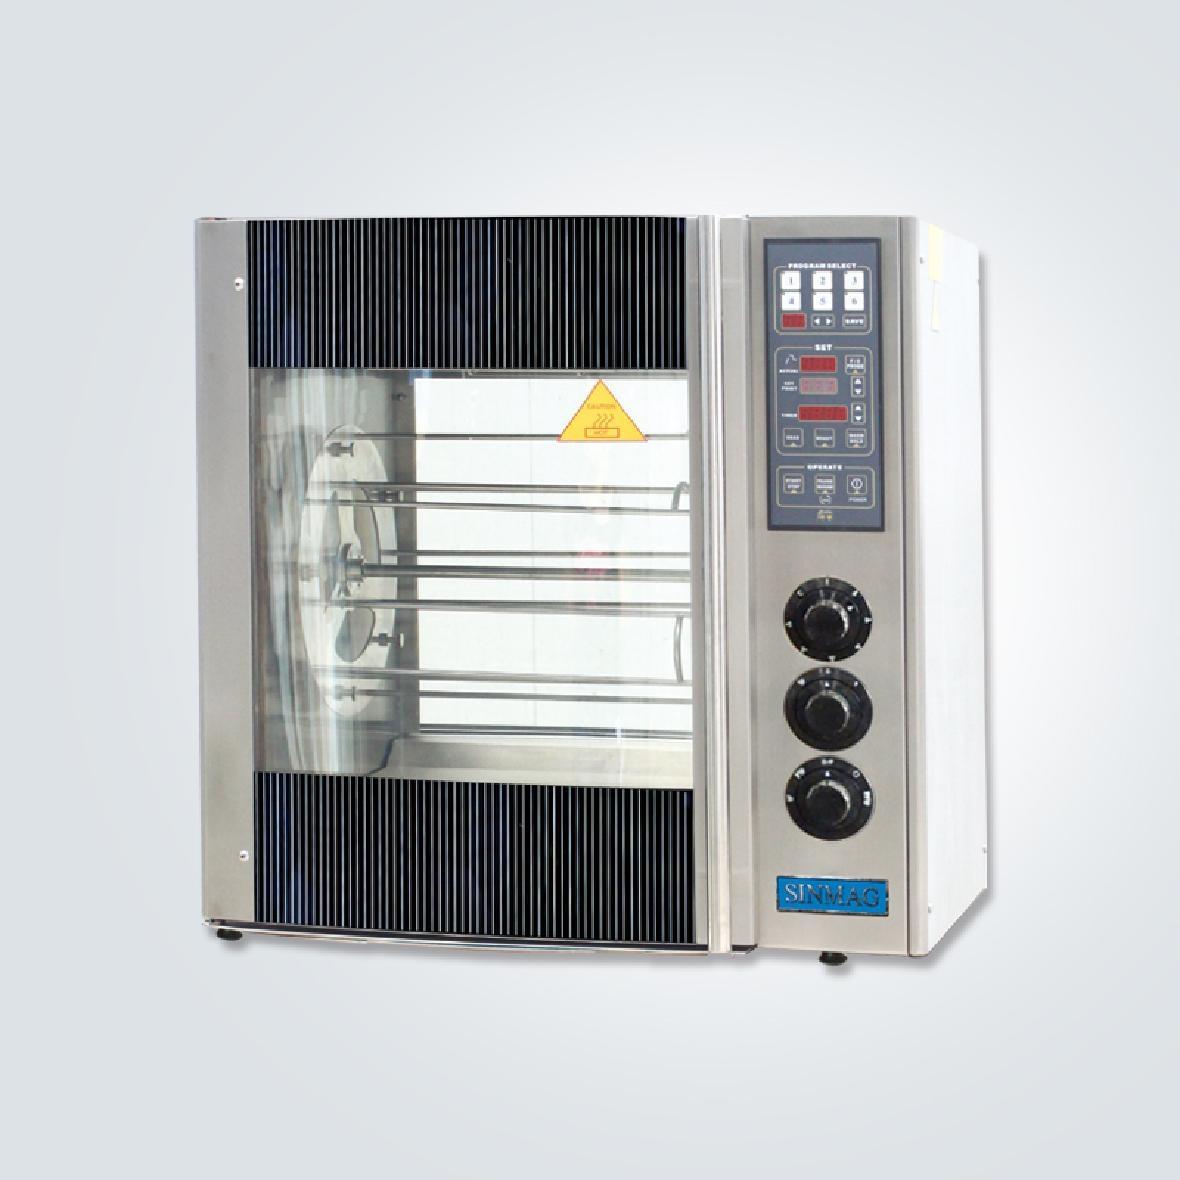 雙開門烤雞爐 SR5-PT